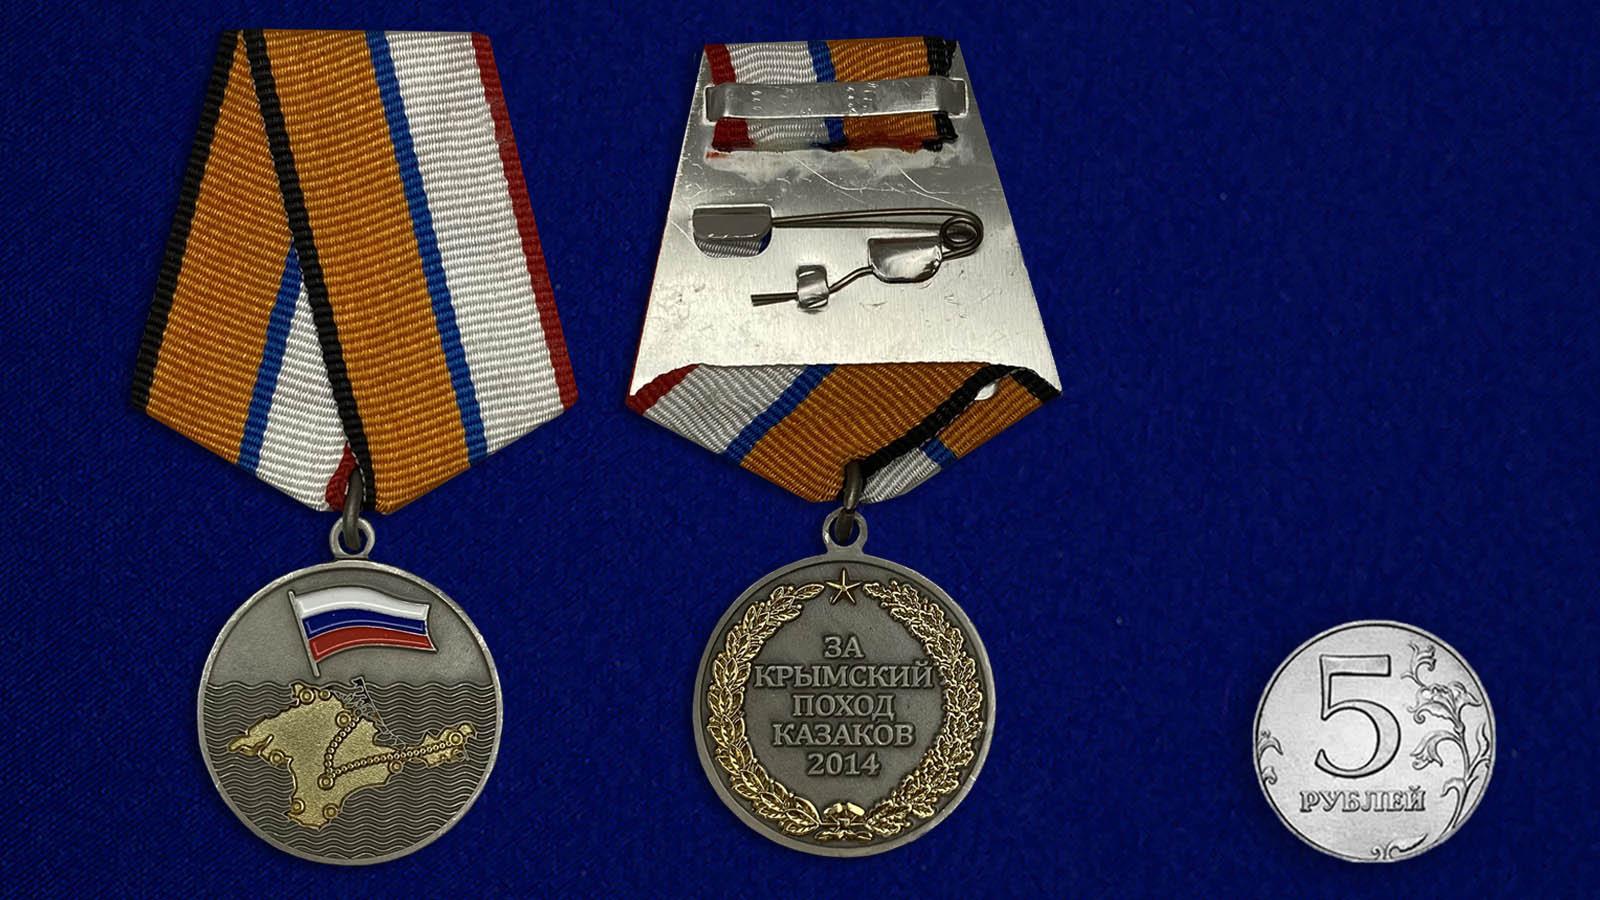 Медаль «За Крымский поход казаков 2014» - сравнительный размер